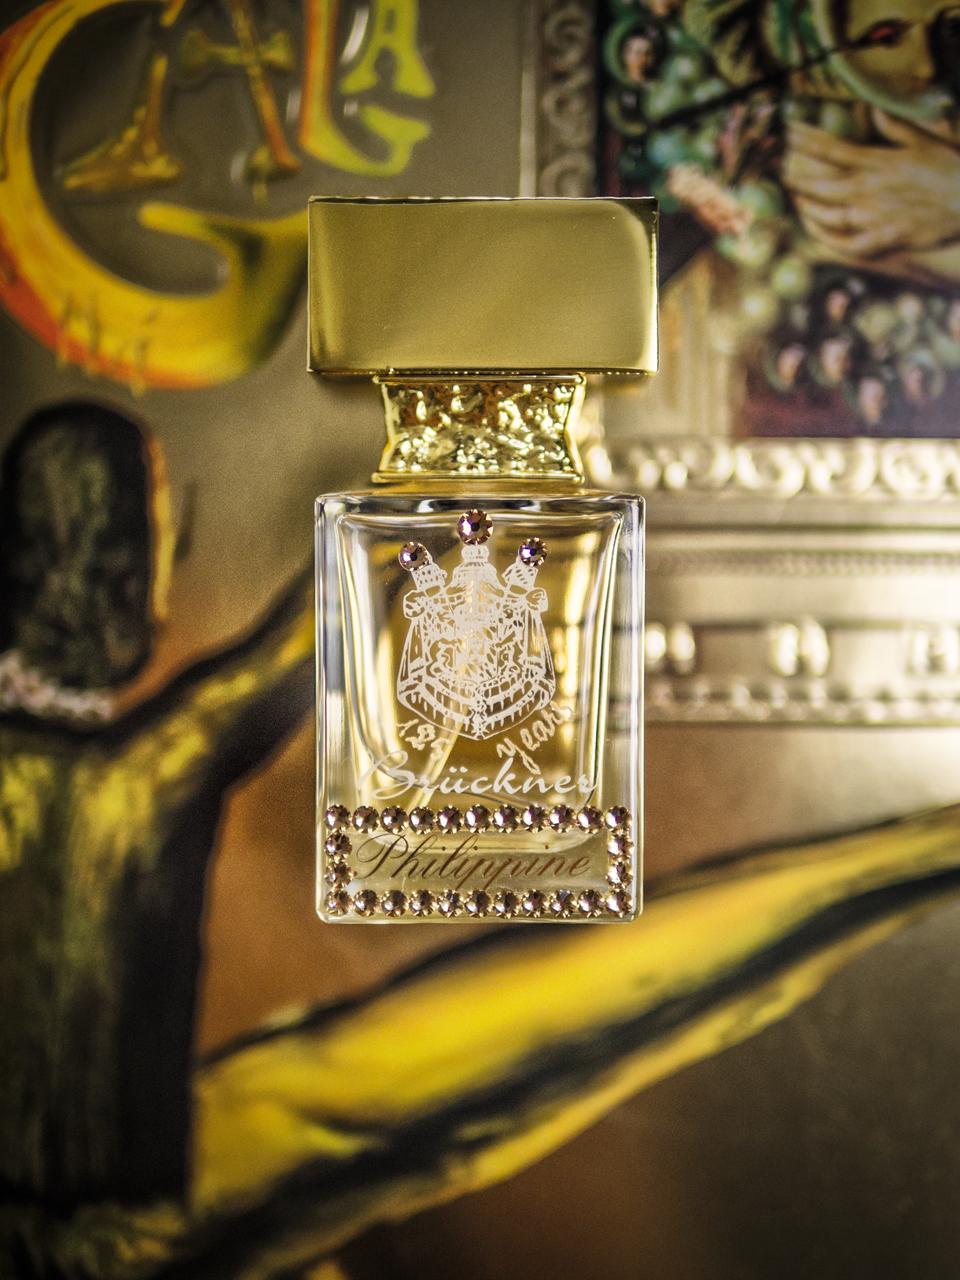 Philippine ein Duft der Parfümerie Brückner, Parfüm Review, Vorstellung des Duftes Phillipine aus der Parfümerie Brückner, Parfümerie Brückner, Eine Hommage an die Gründer, Philippine